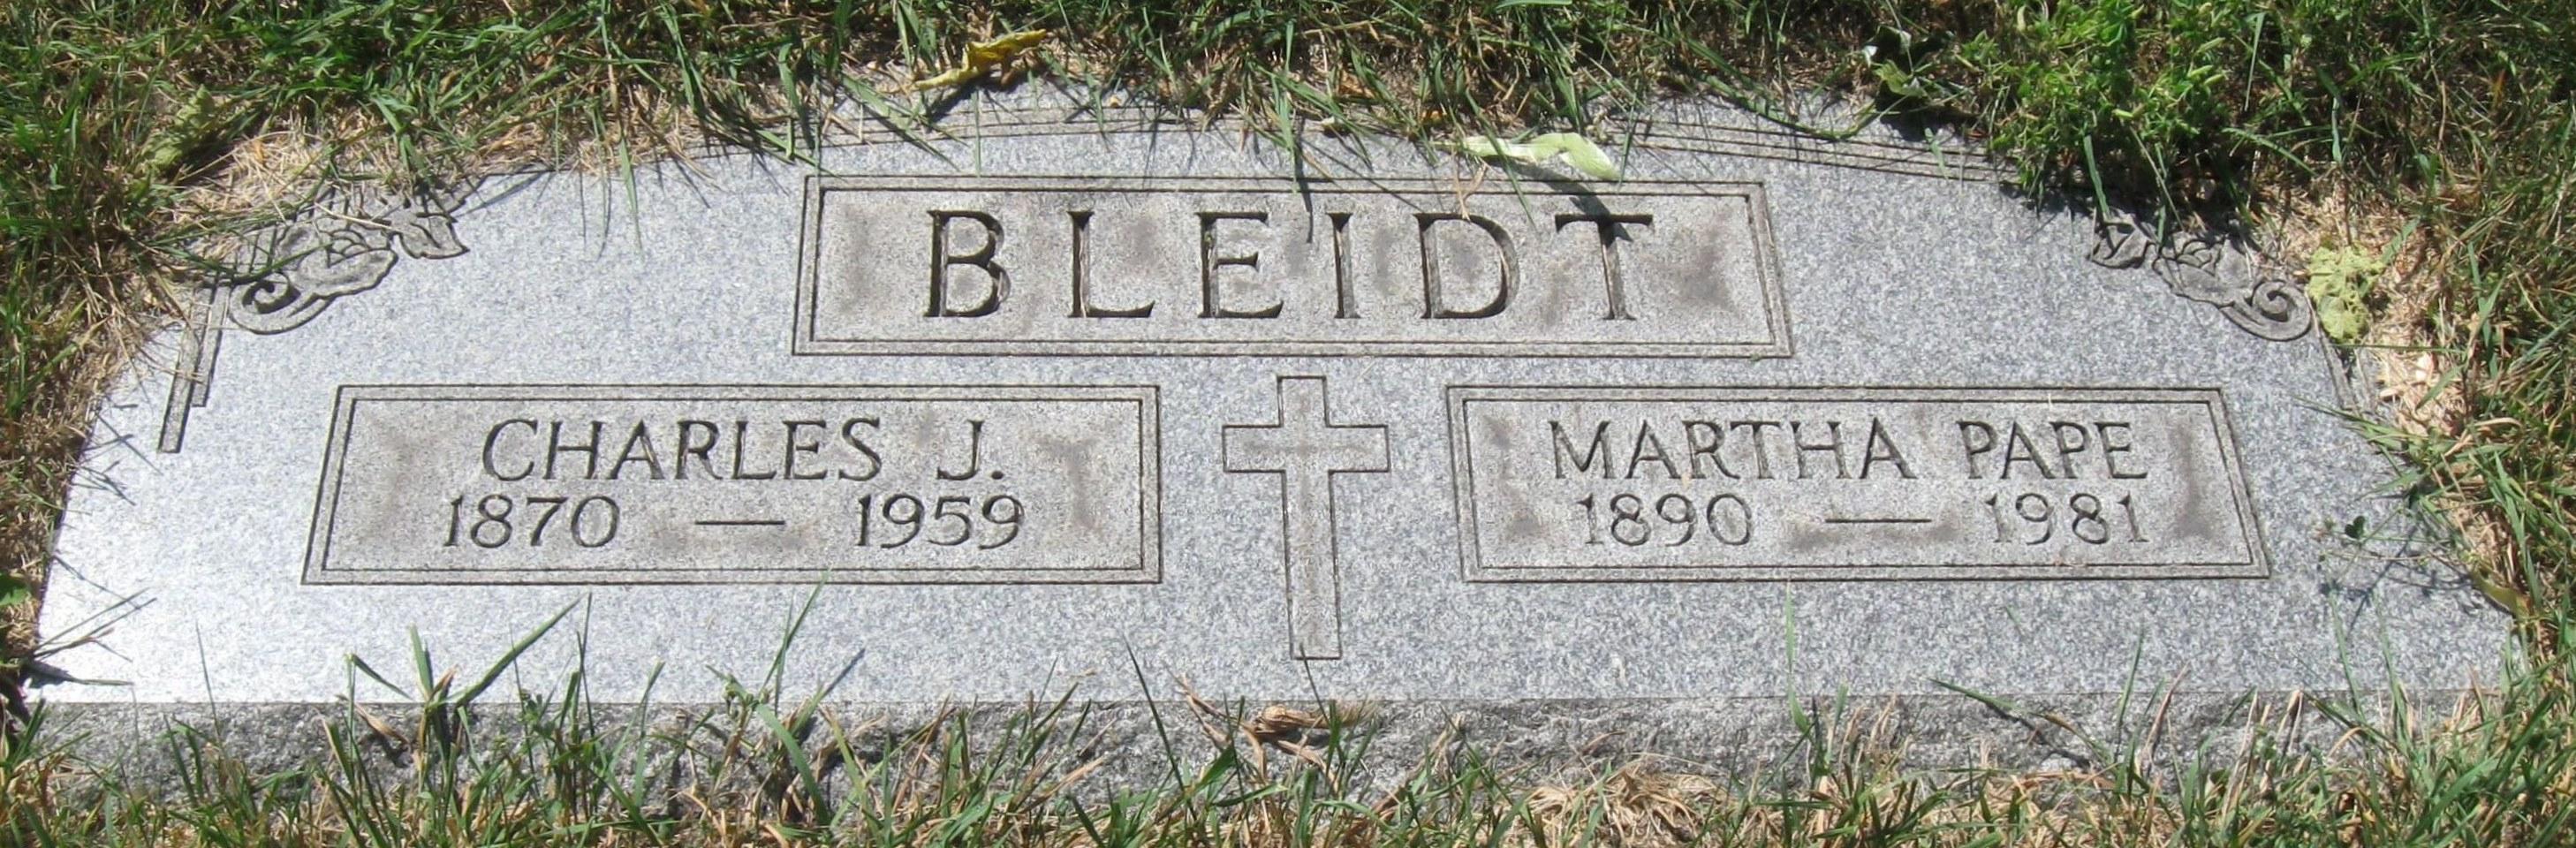 Charles J Bleidt